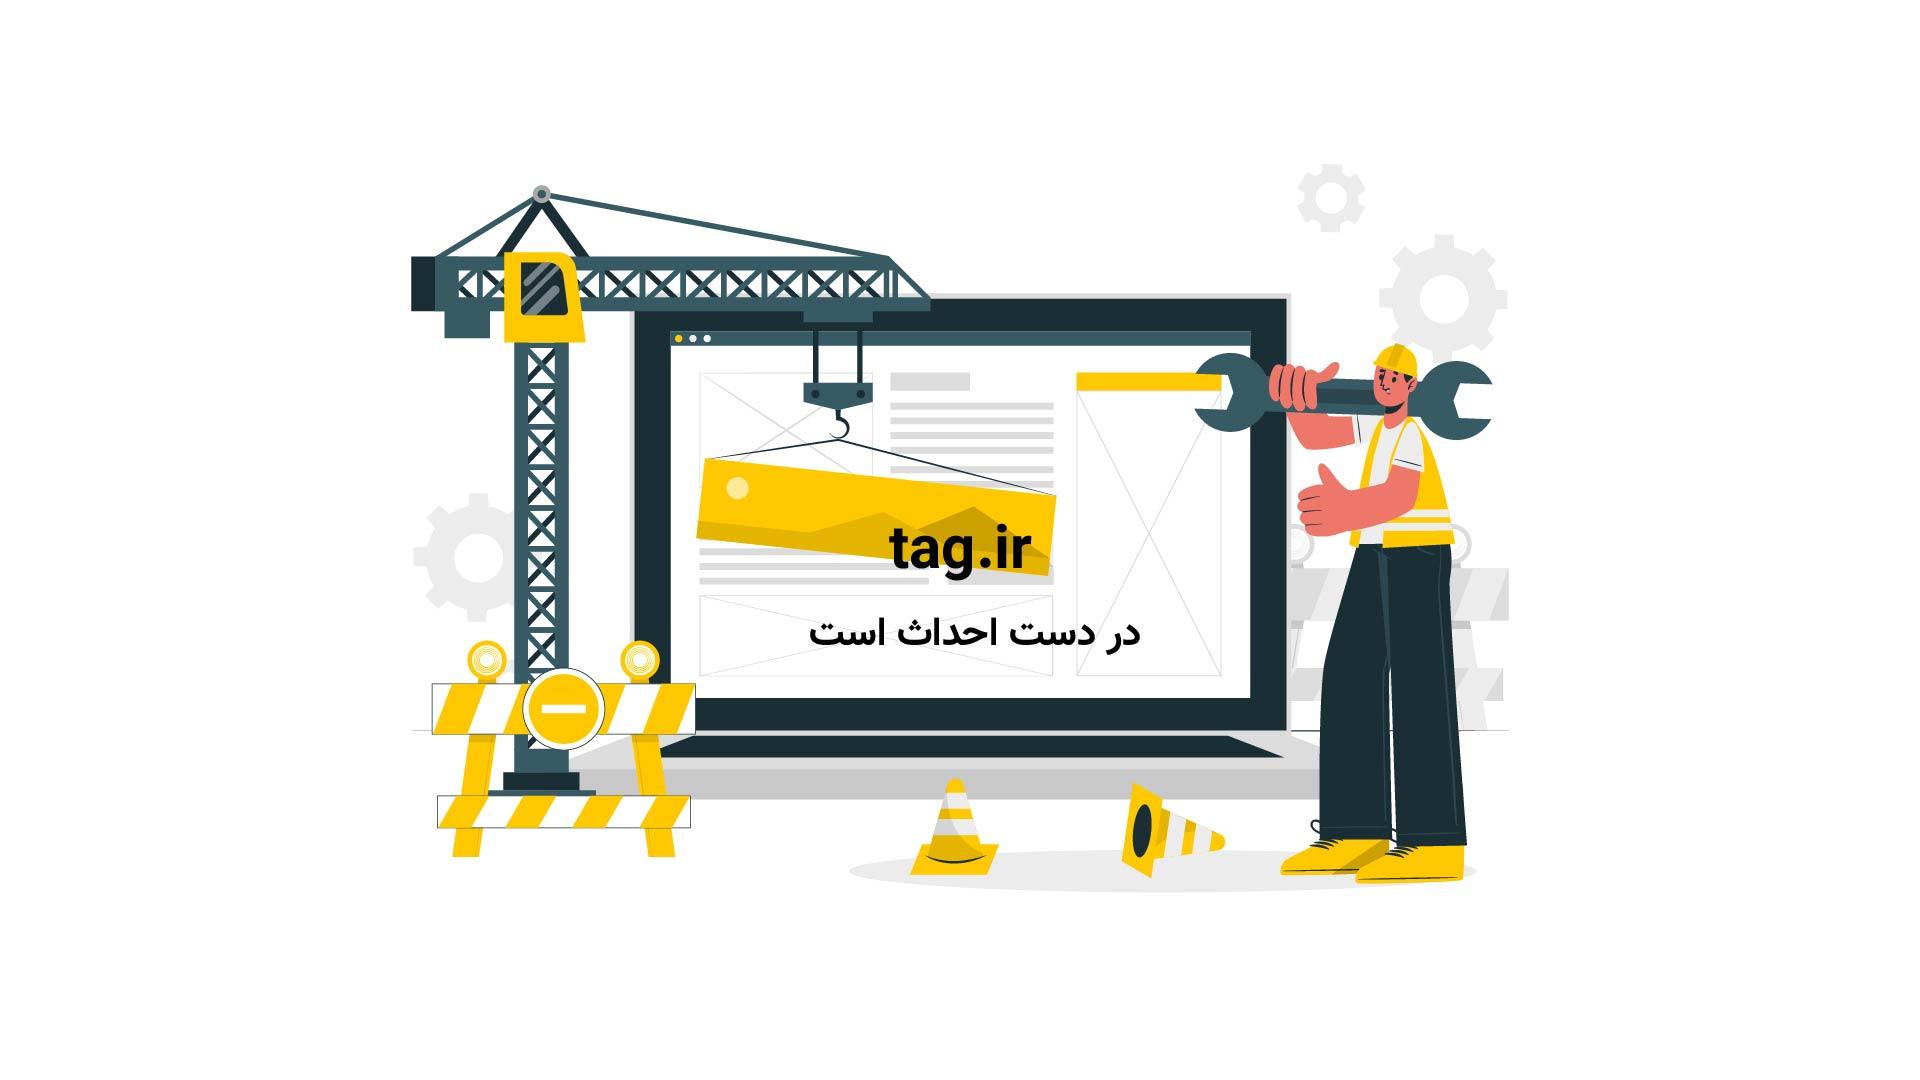 پسر دو ساله نجات برادر | تگ